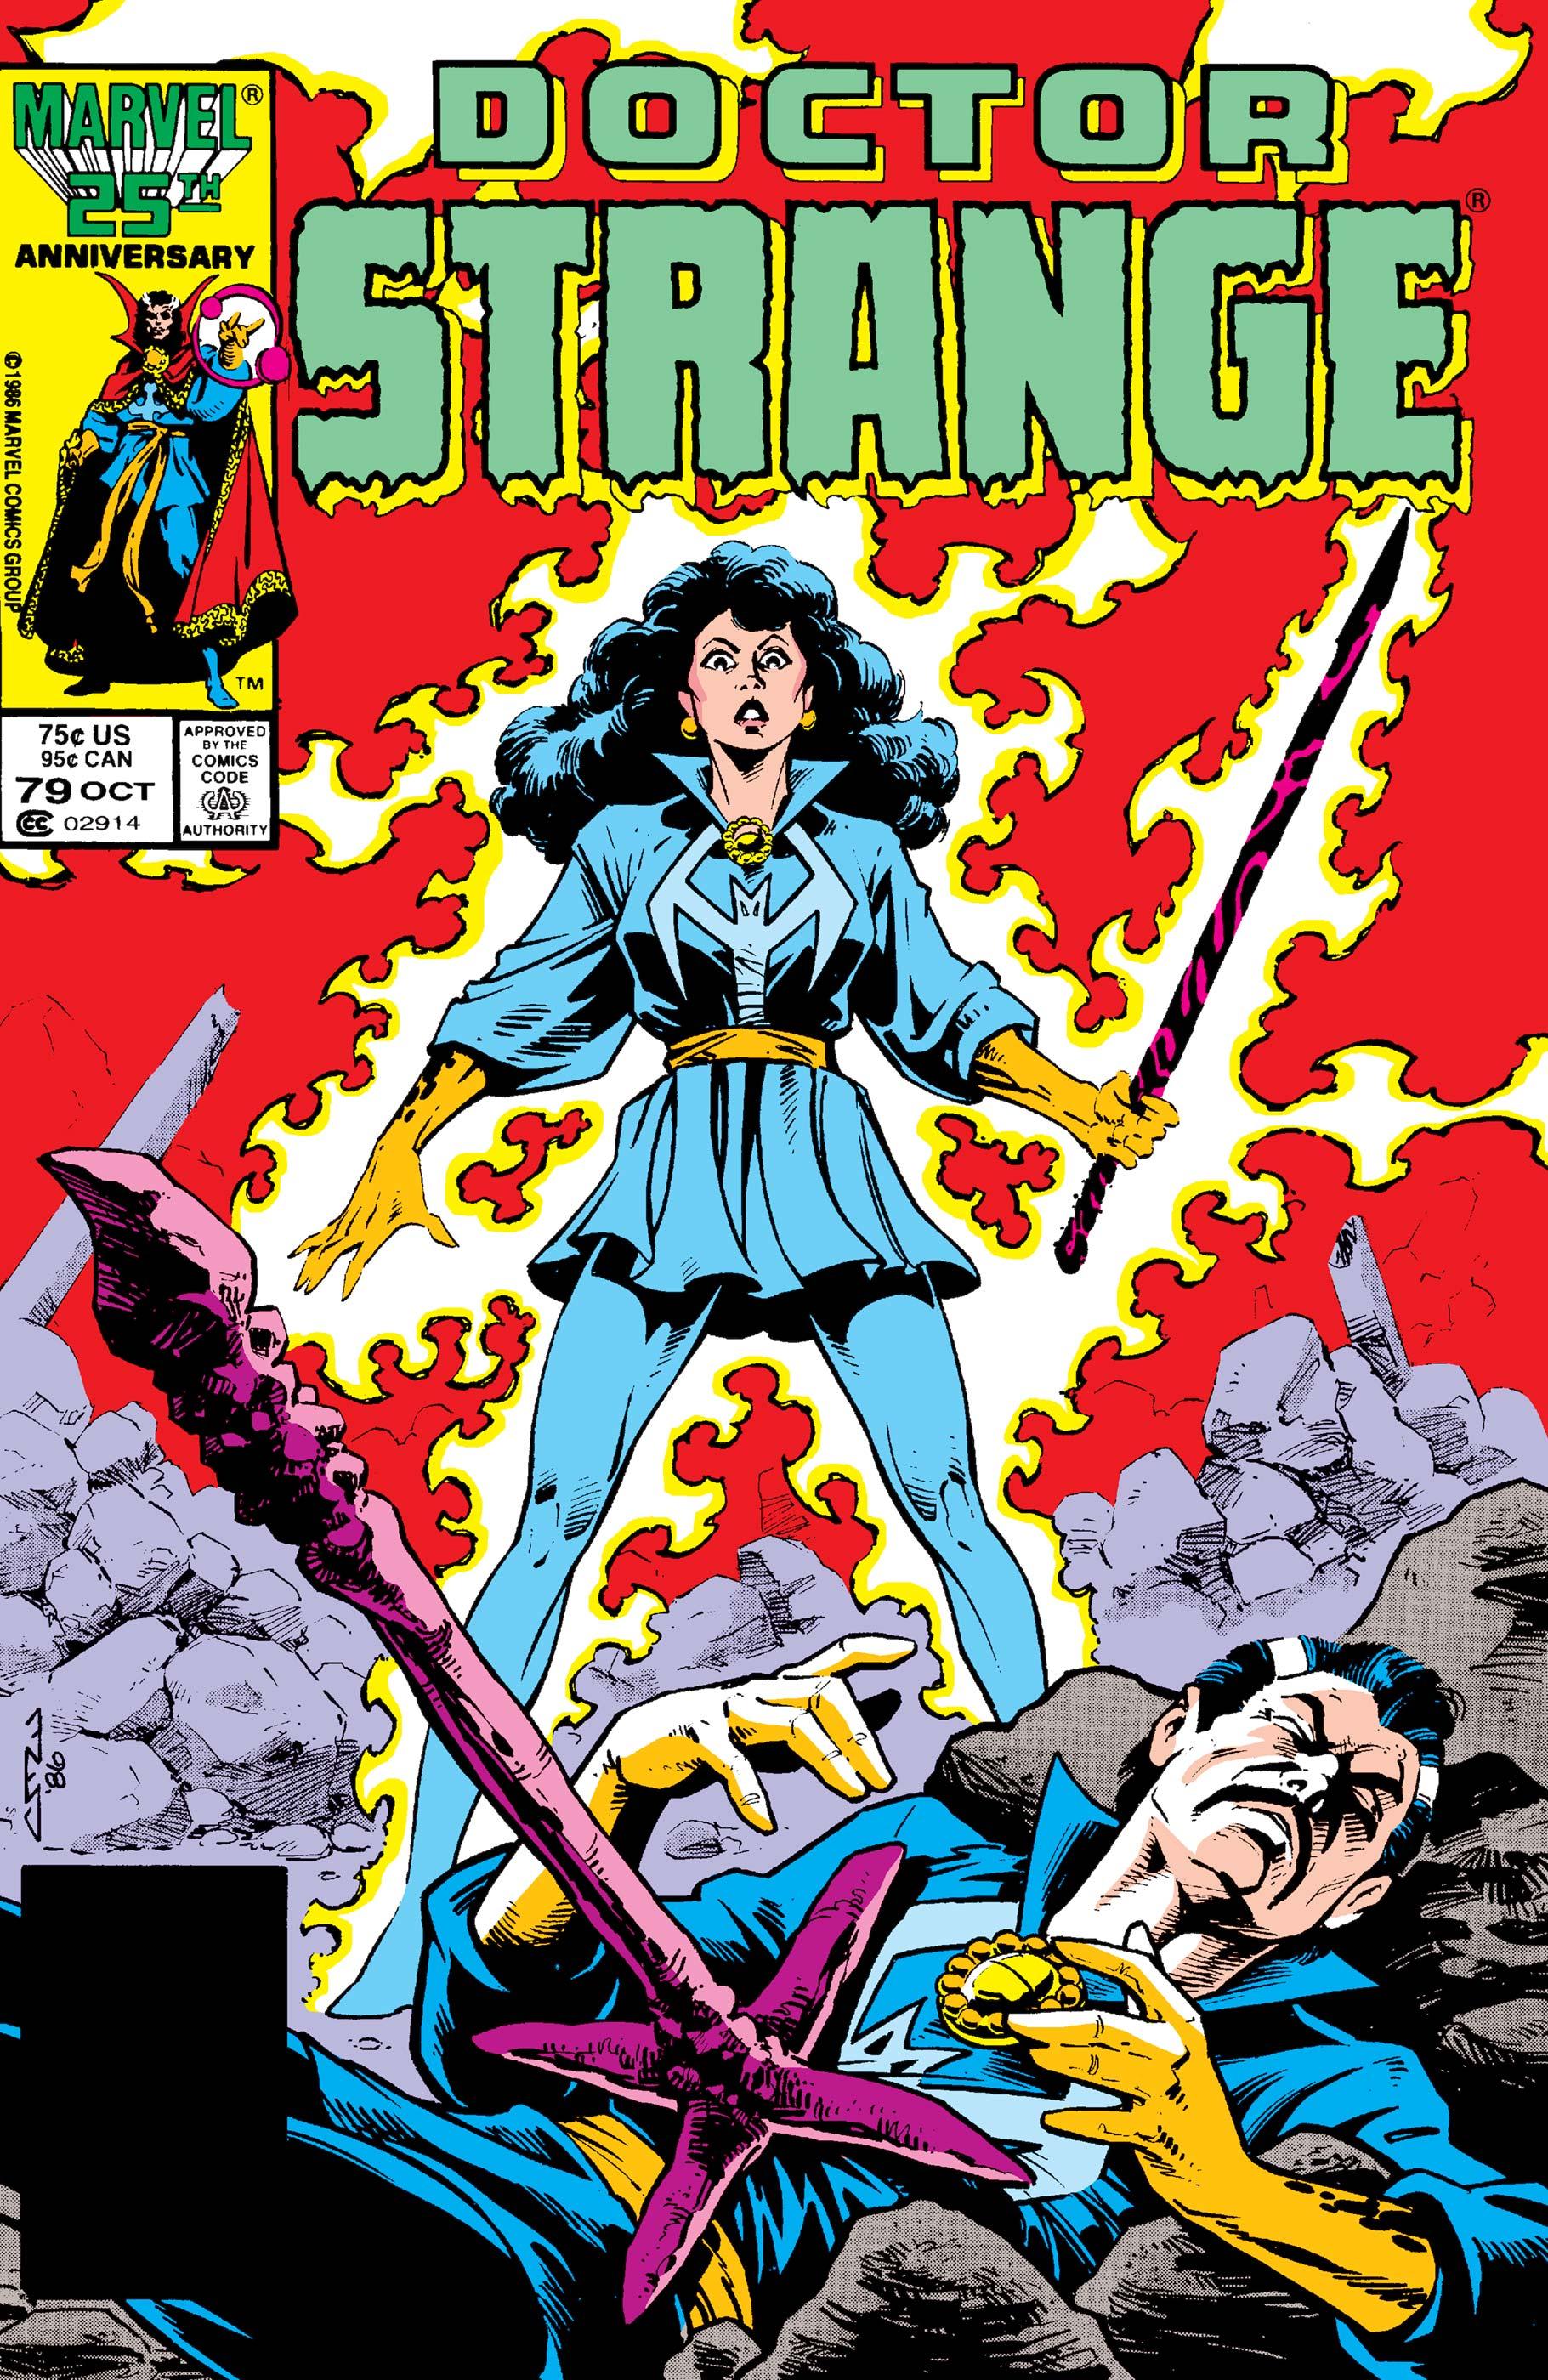 Doctor Strange (1974) #79